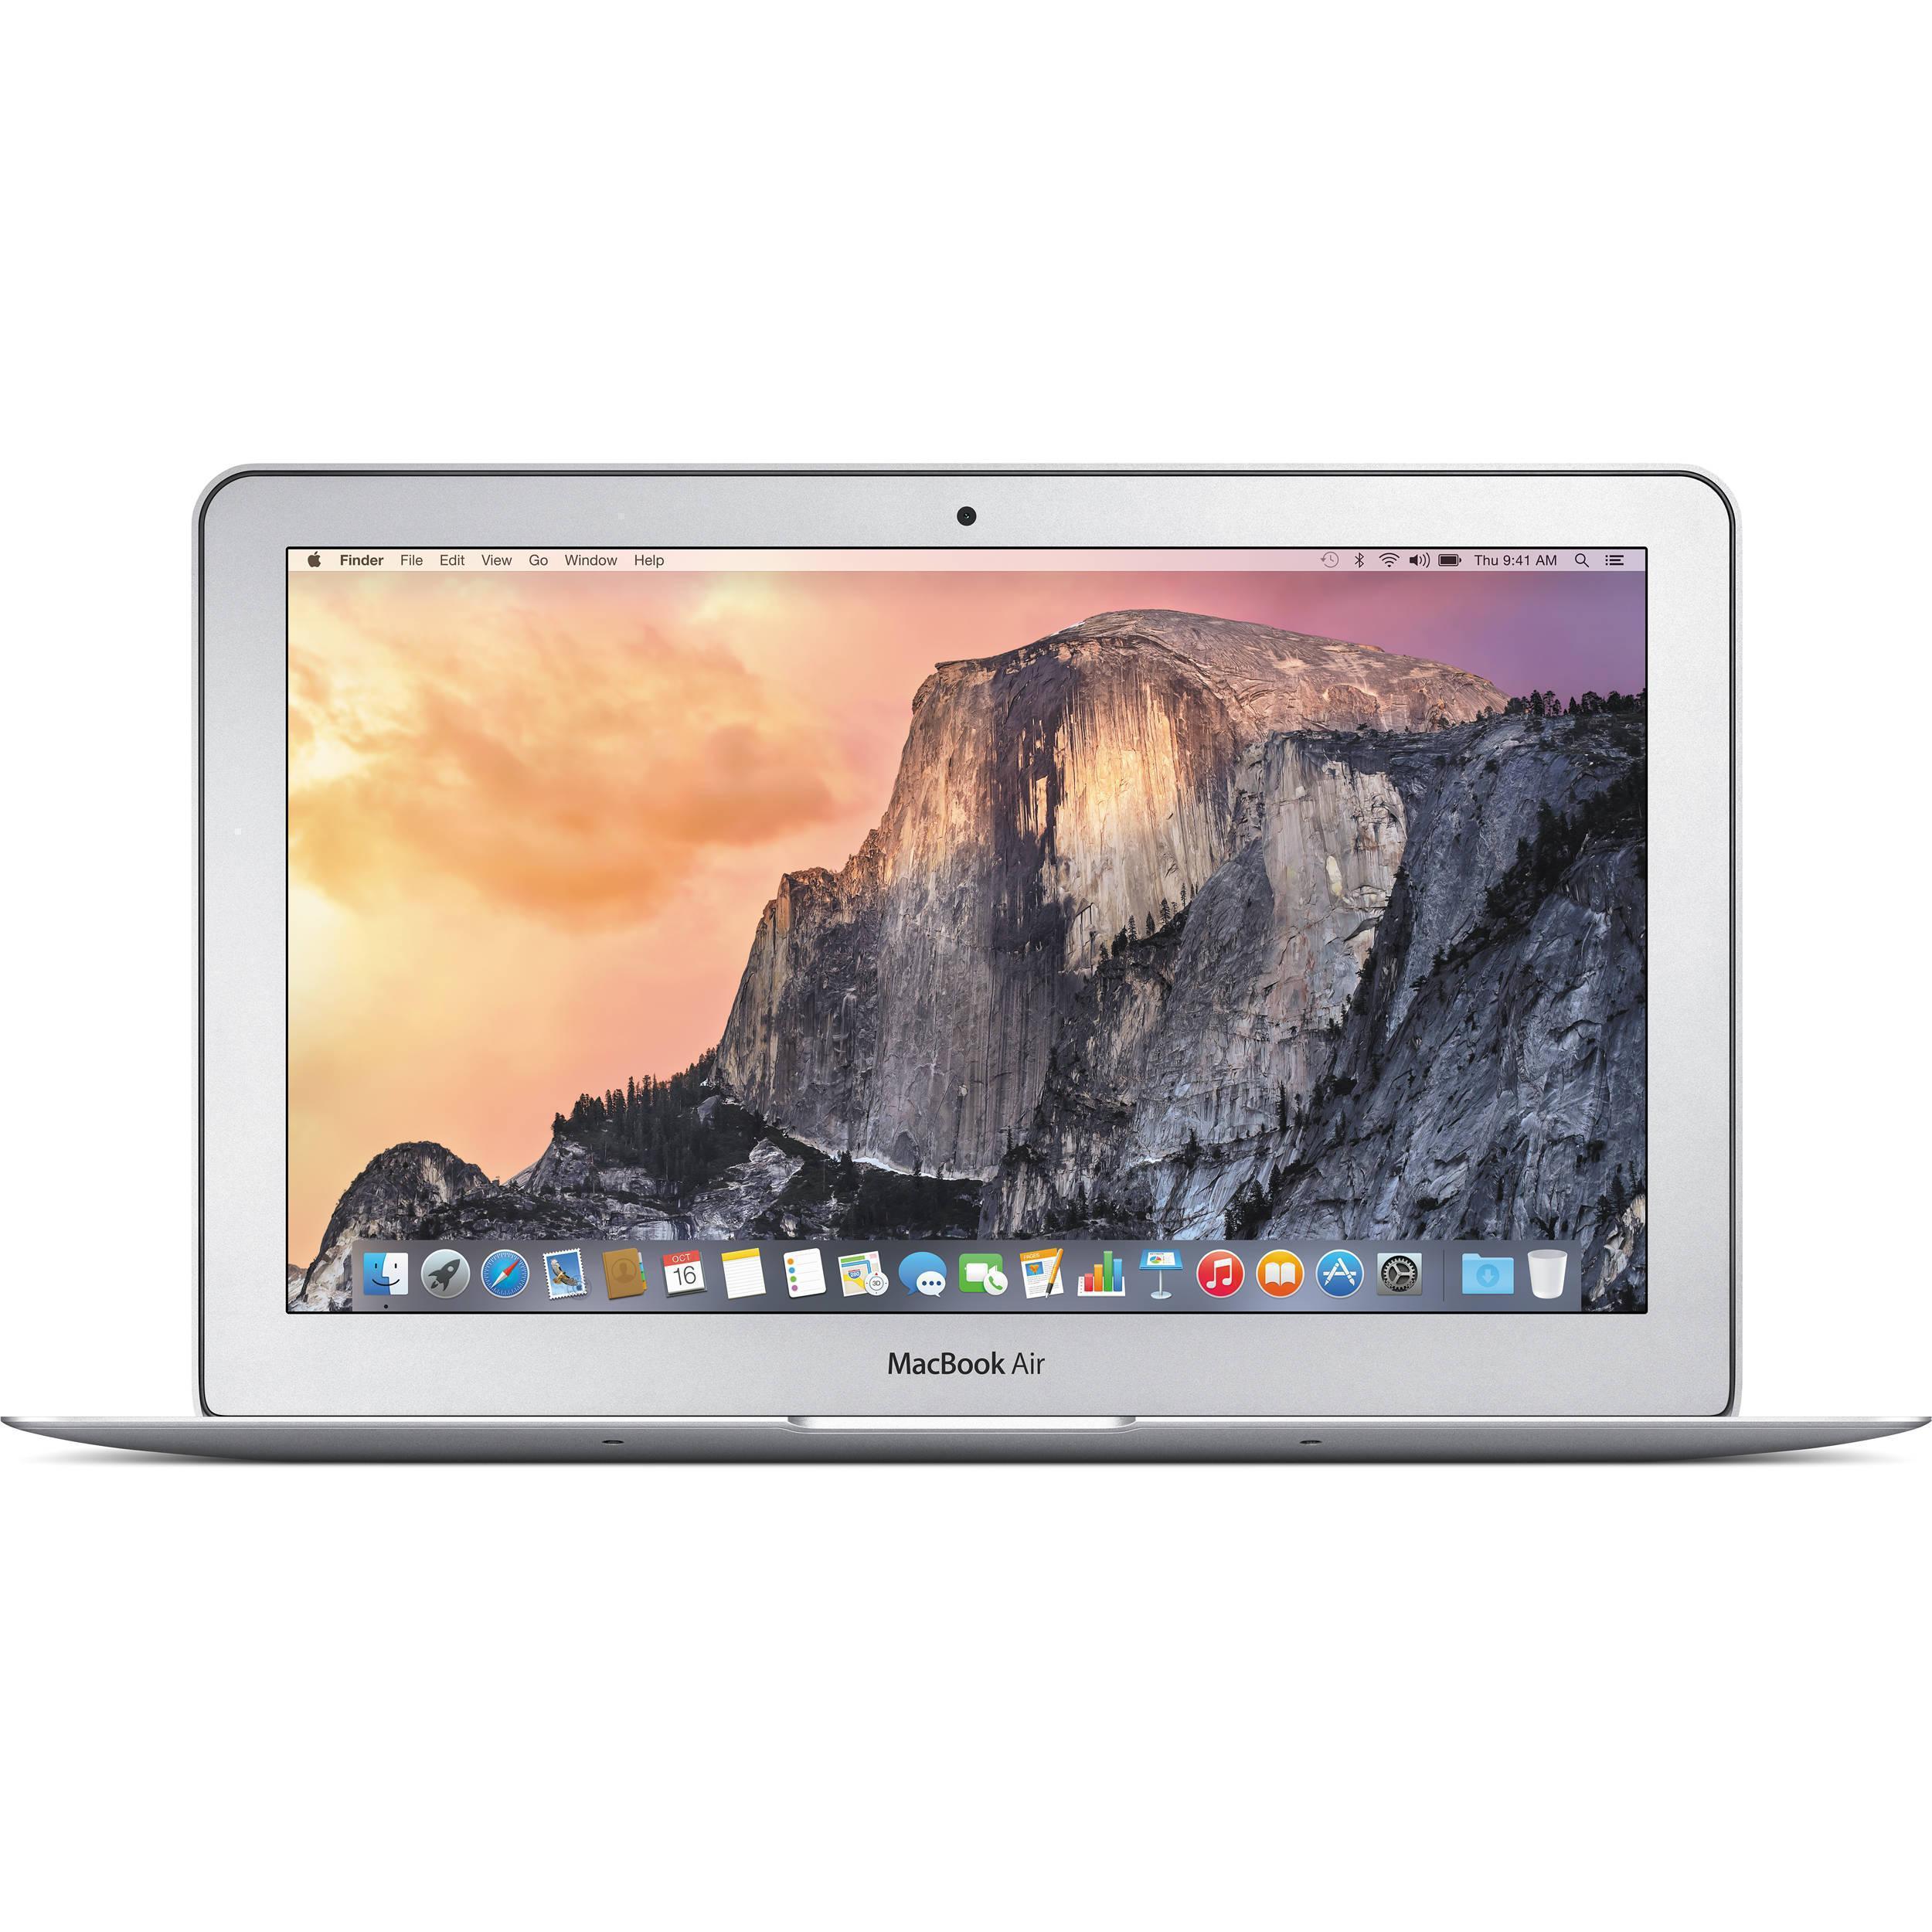 MacBook Air 11,6-tum (2011) - Core i5 - 4GB - SSD 64 GB QWERTZ - Tyska